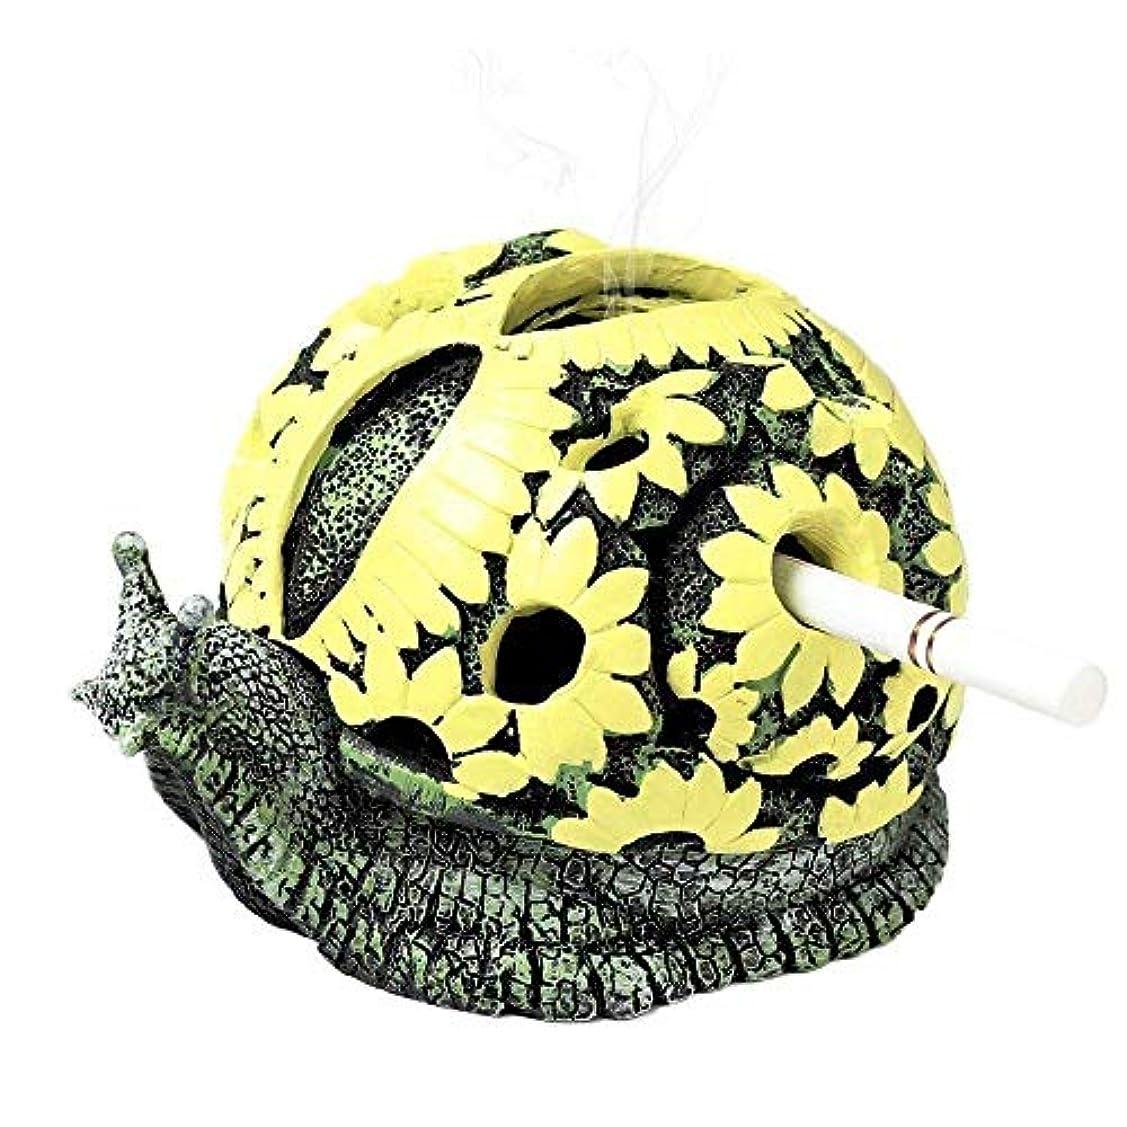 アメリカグローバル人に関する限りモンスター灰皿クリエイティブカタツムリ灰皿工芸品の装飾クリエイティブタートル灰皿 (色 : Escargot)